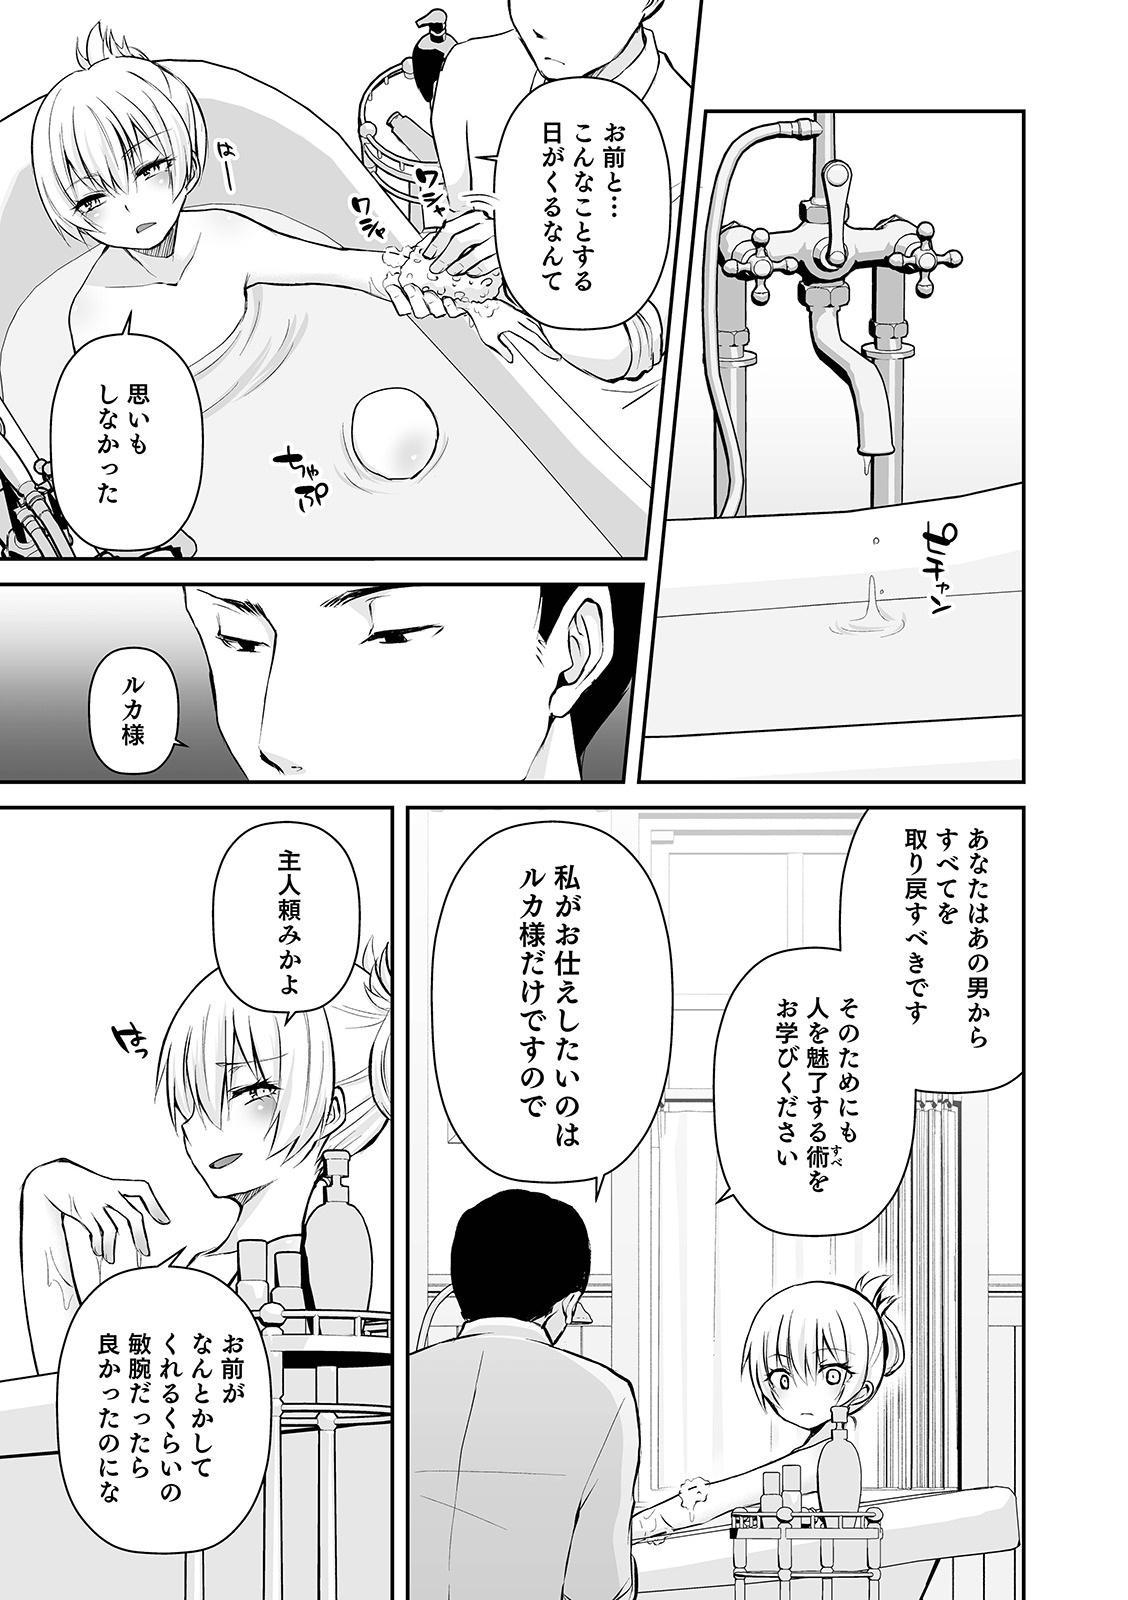 Otokonoko Heaven's Door 9 56